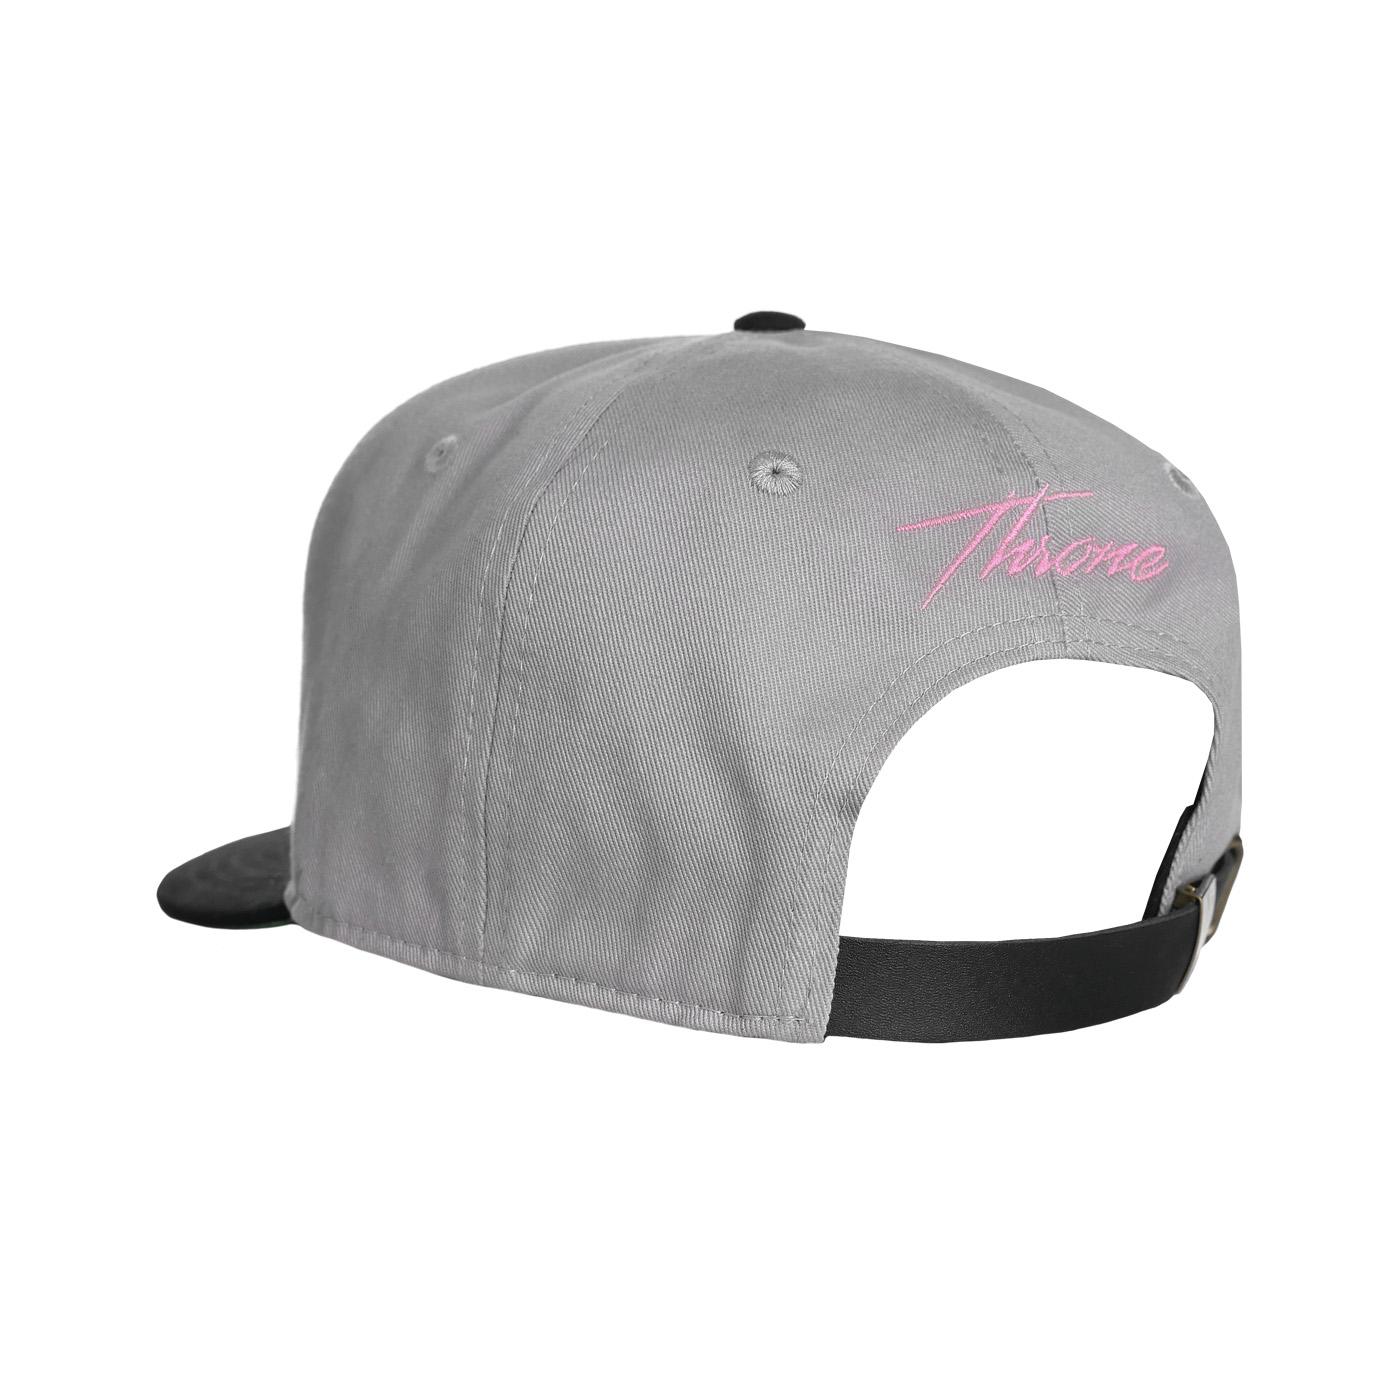 Field Hat Neon – Throne Lacrosse 96d6e2a3062